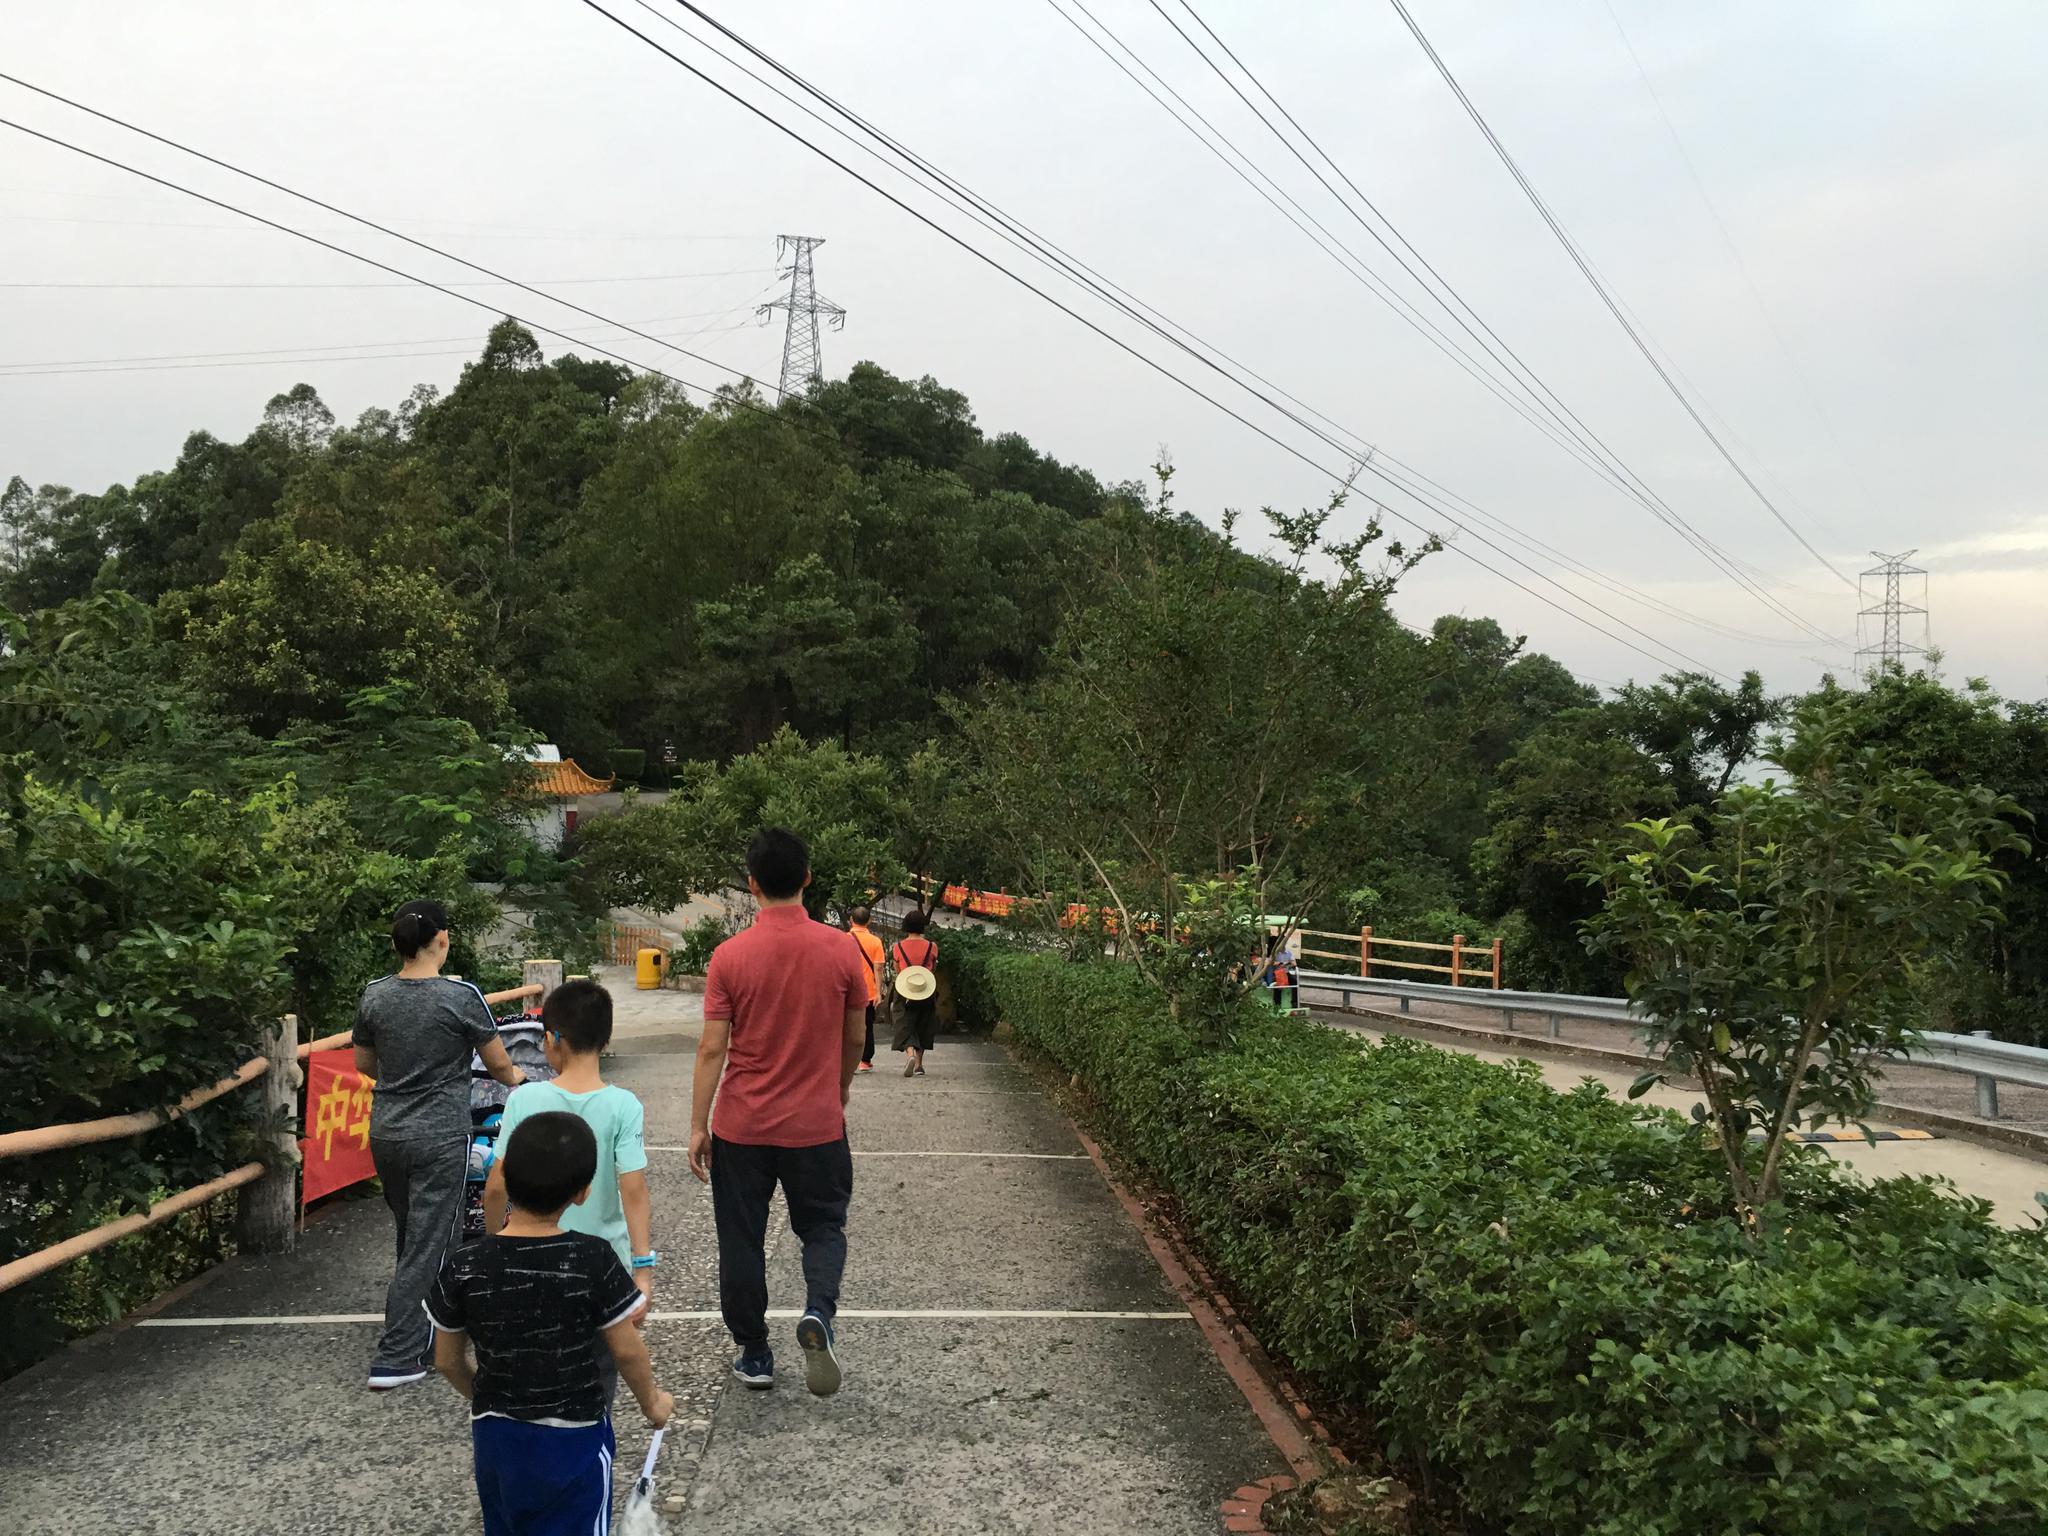 广东观音山国家森林公园里的高压电网群